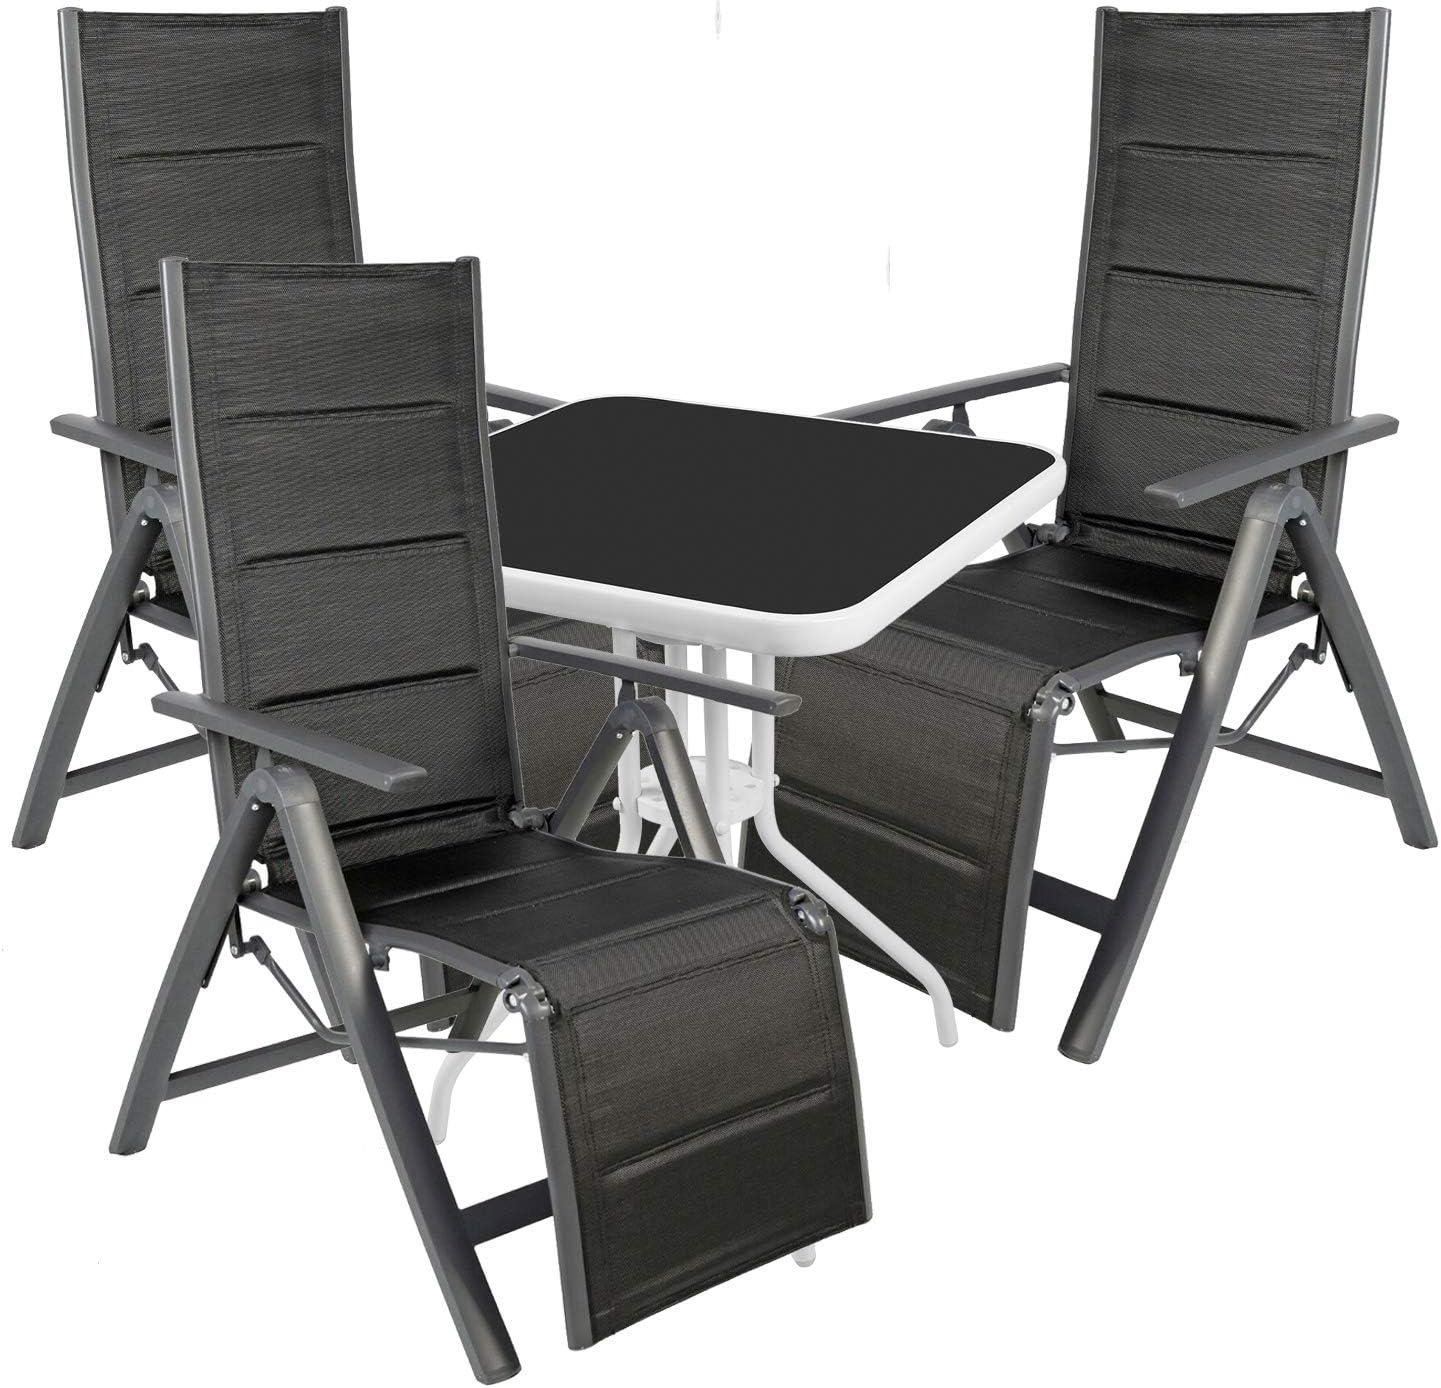 Mojawo® – Juego de 4 Piezas – Mesa de Bistro de Cristal/Metal Ø 60 cm Blanco/Negro + 3 sillas de Relax con Respaldo Alto Antracita/Negro: Amazon.es: Jardín